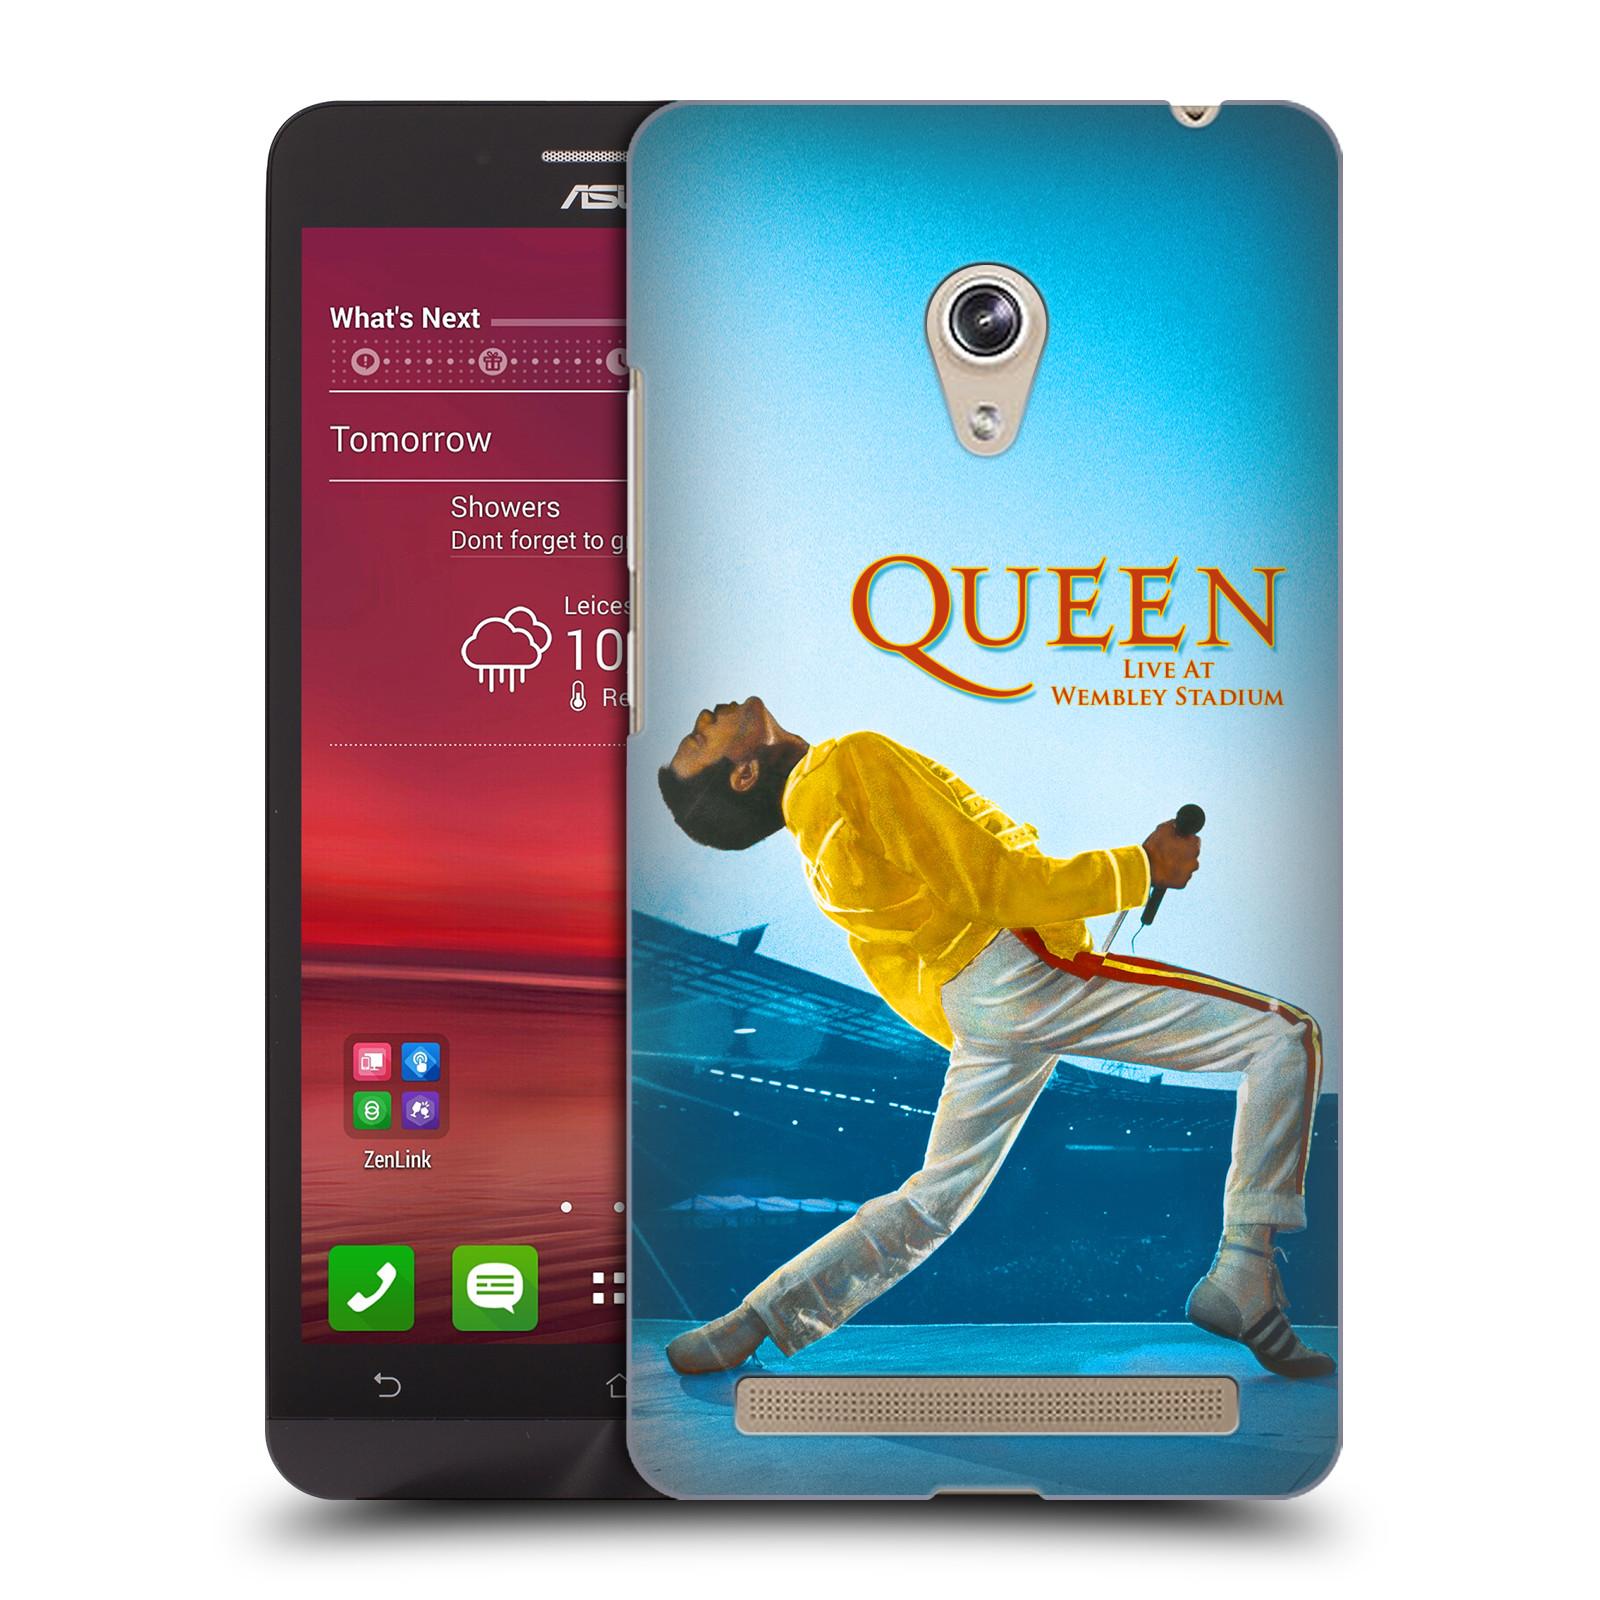 Plastové pouzdro na mobil Asus Zenfone 6 HEAD CASE Queen - Freddie Mercury (Plastový kryt či obal na mobilní telefon licencovaným motivem Queen pro Asus Zenfone 6 A600CG / A601CG)